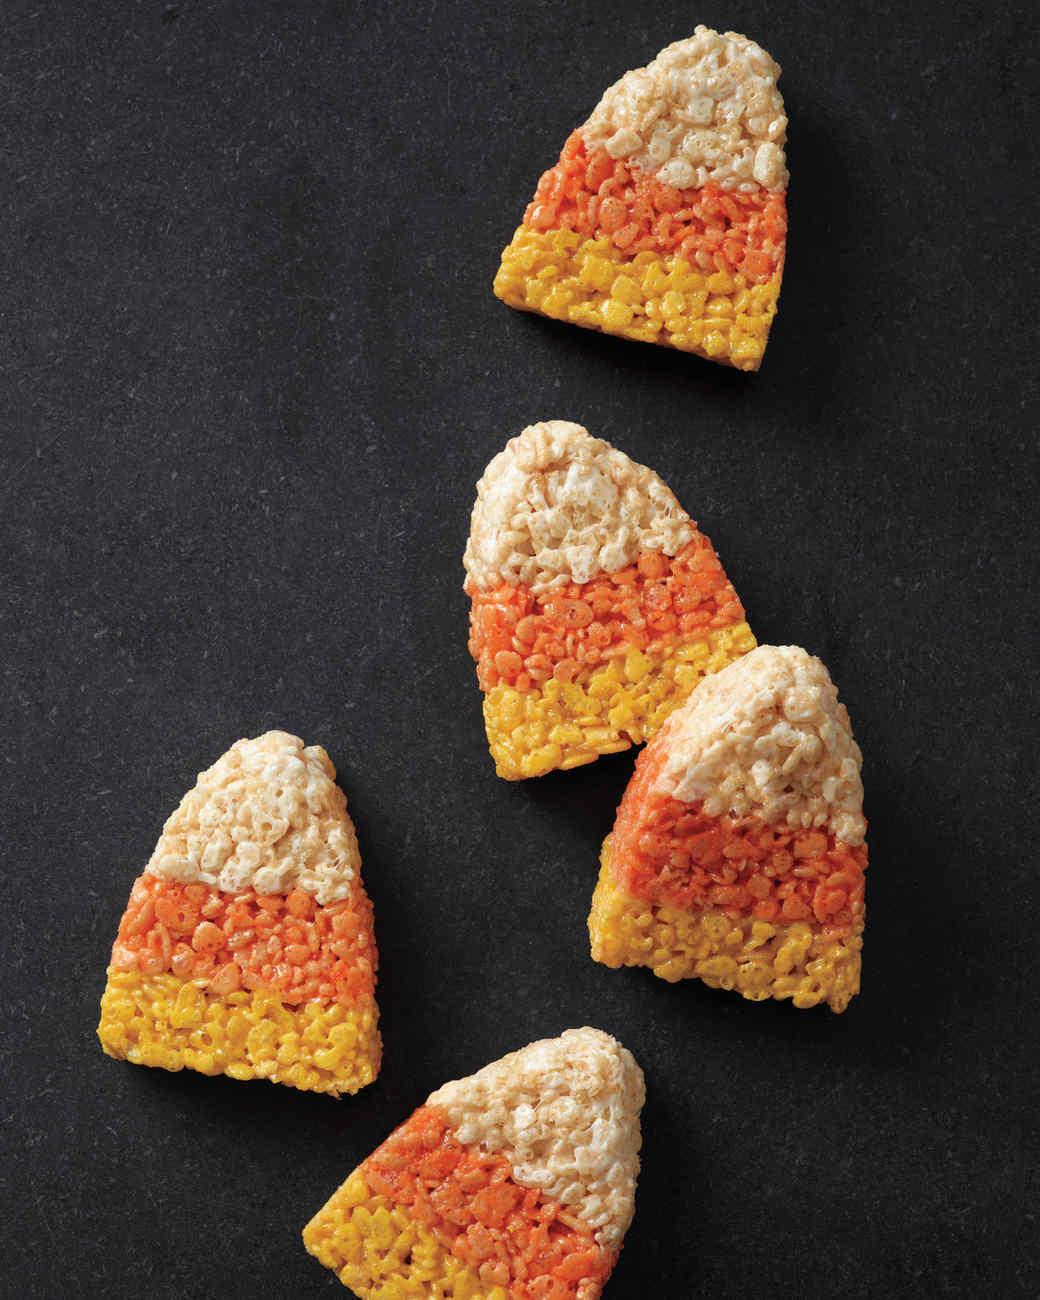 sweet-spot-crisp-candy-corn-treats-001a-med108875.jpg